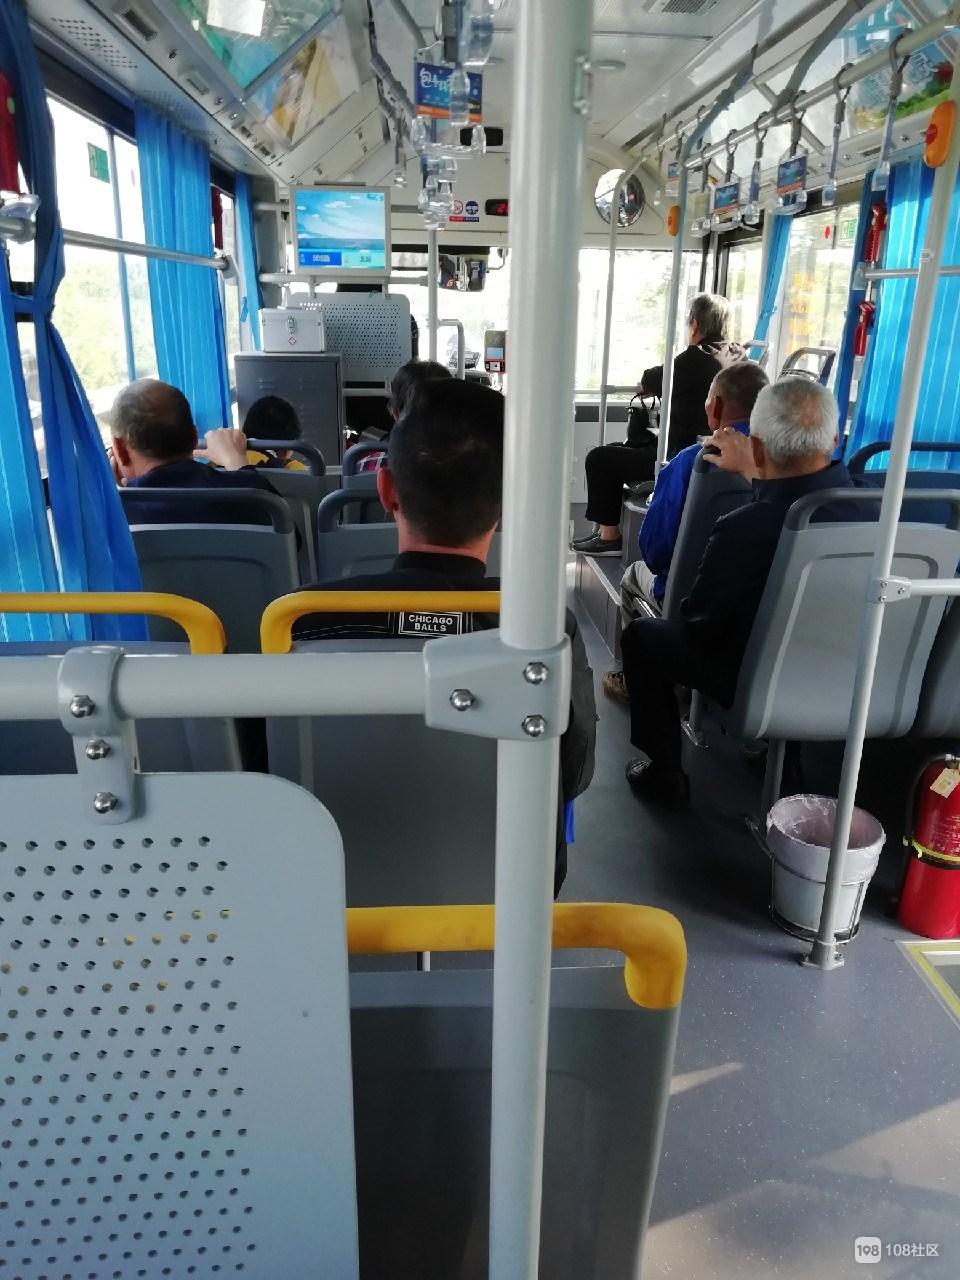 看到505路司机这样对待老年人 我心中充满暖意…